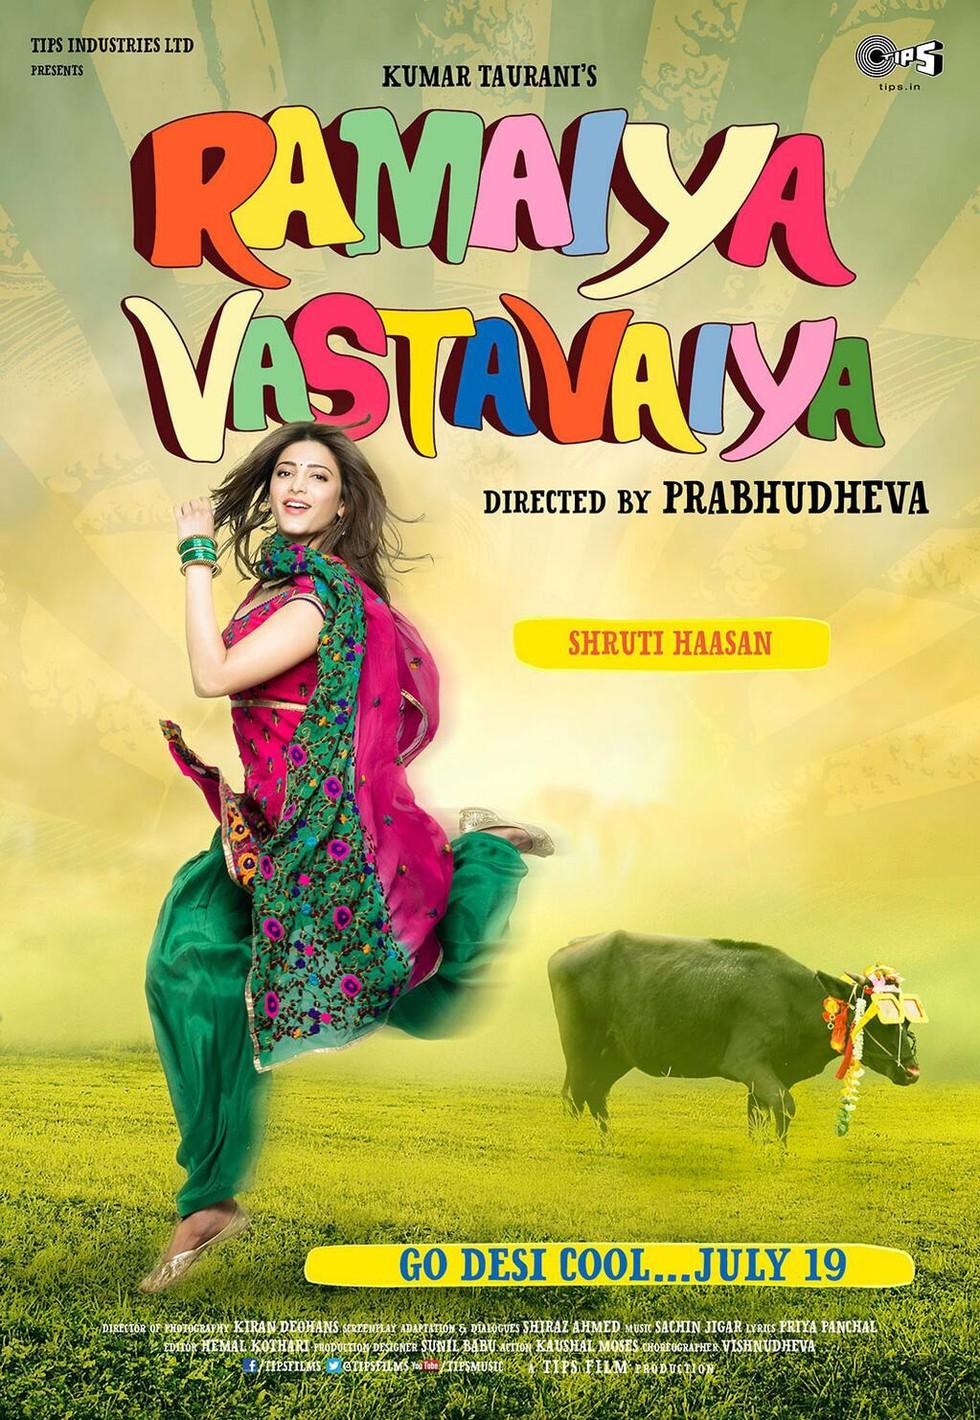 Ramaiya Vastavaiya - Movie Poster #13 (Large)